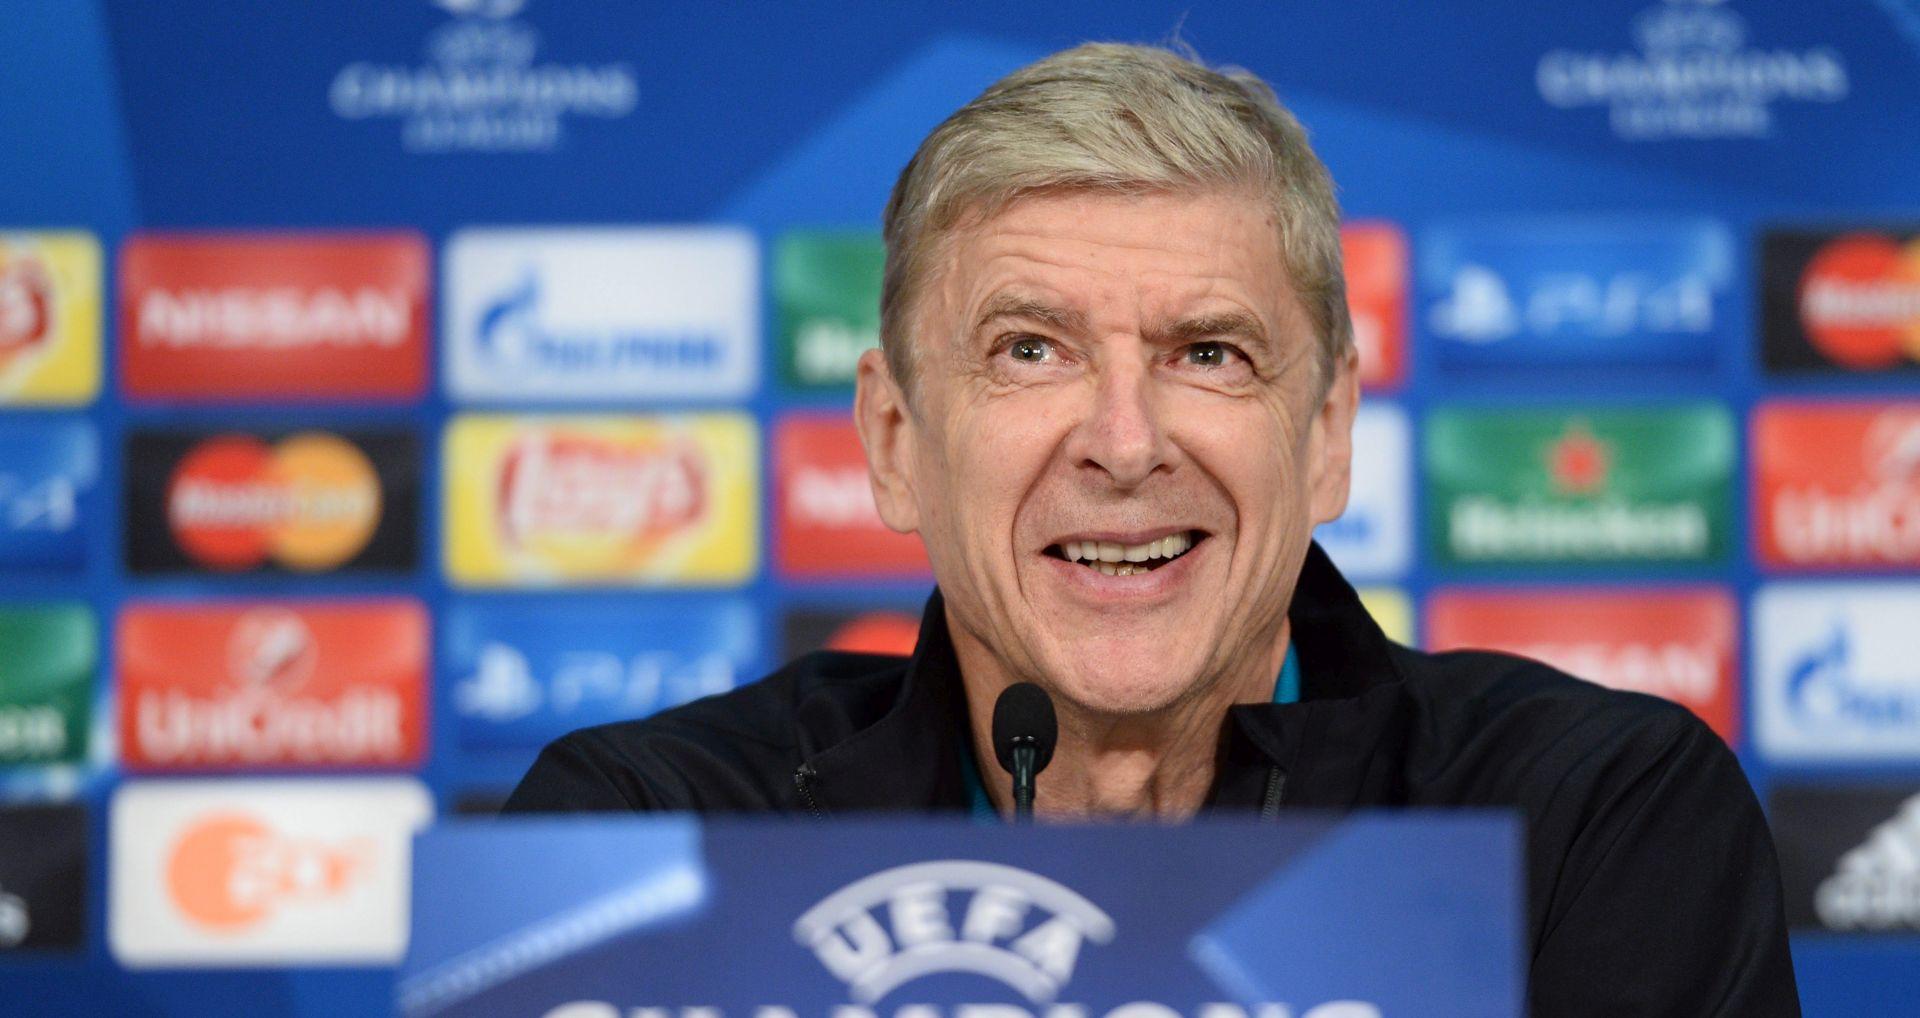 WENGER ISHVALIO CECHA On je jedan od najboljih vratara u povijesti engleskog nogometa